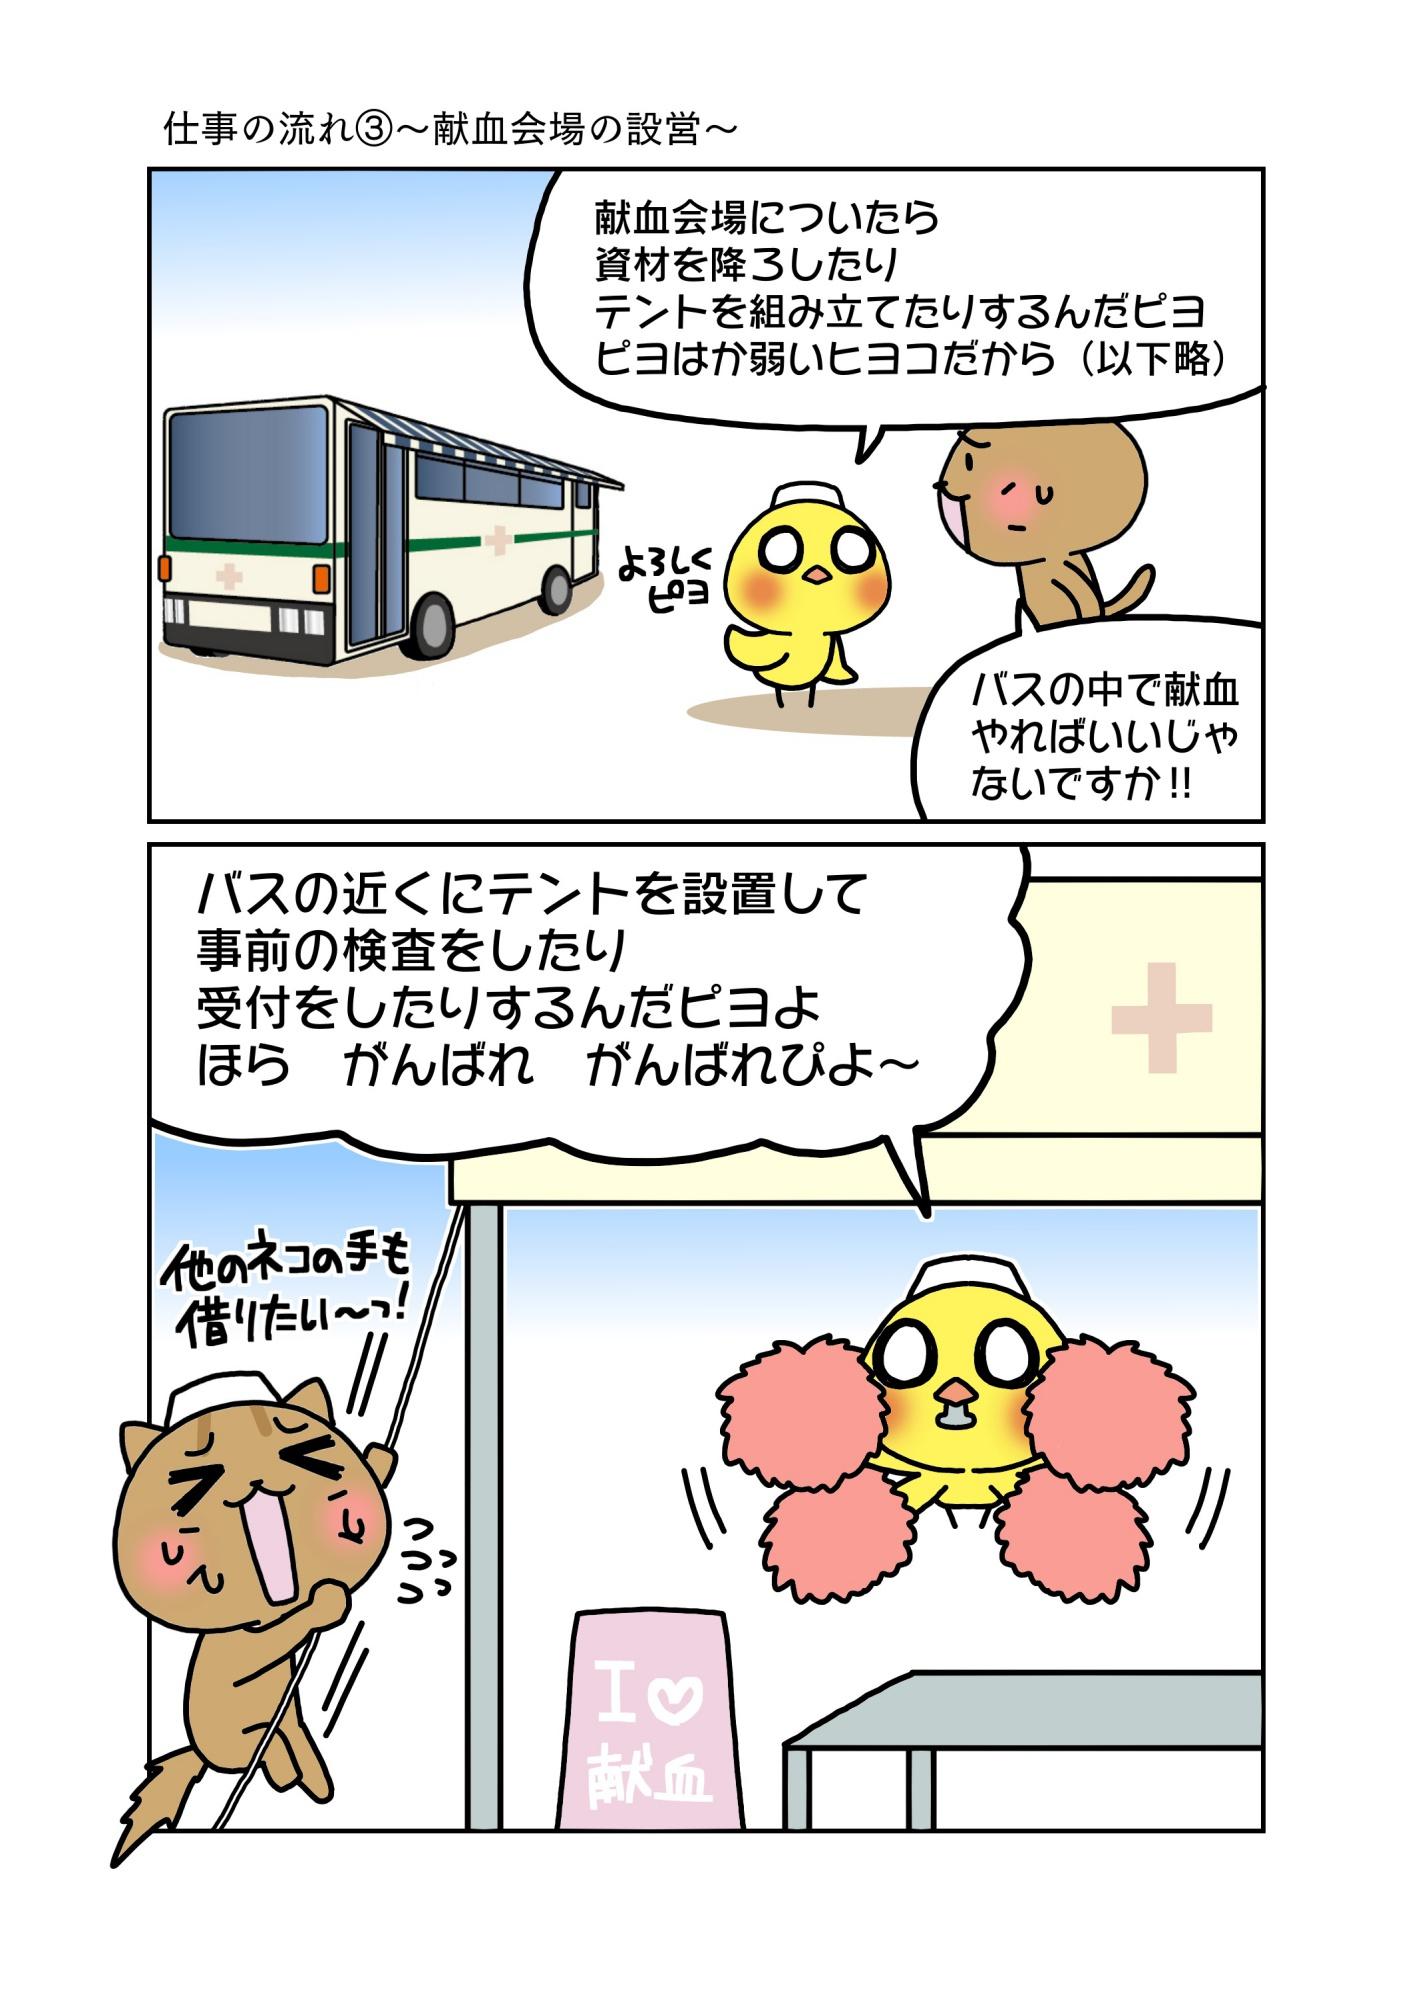 「仕事の流れ③ 献血会場の設営」マンガ